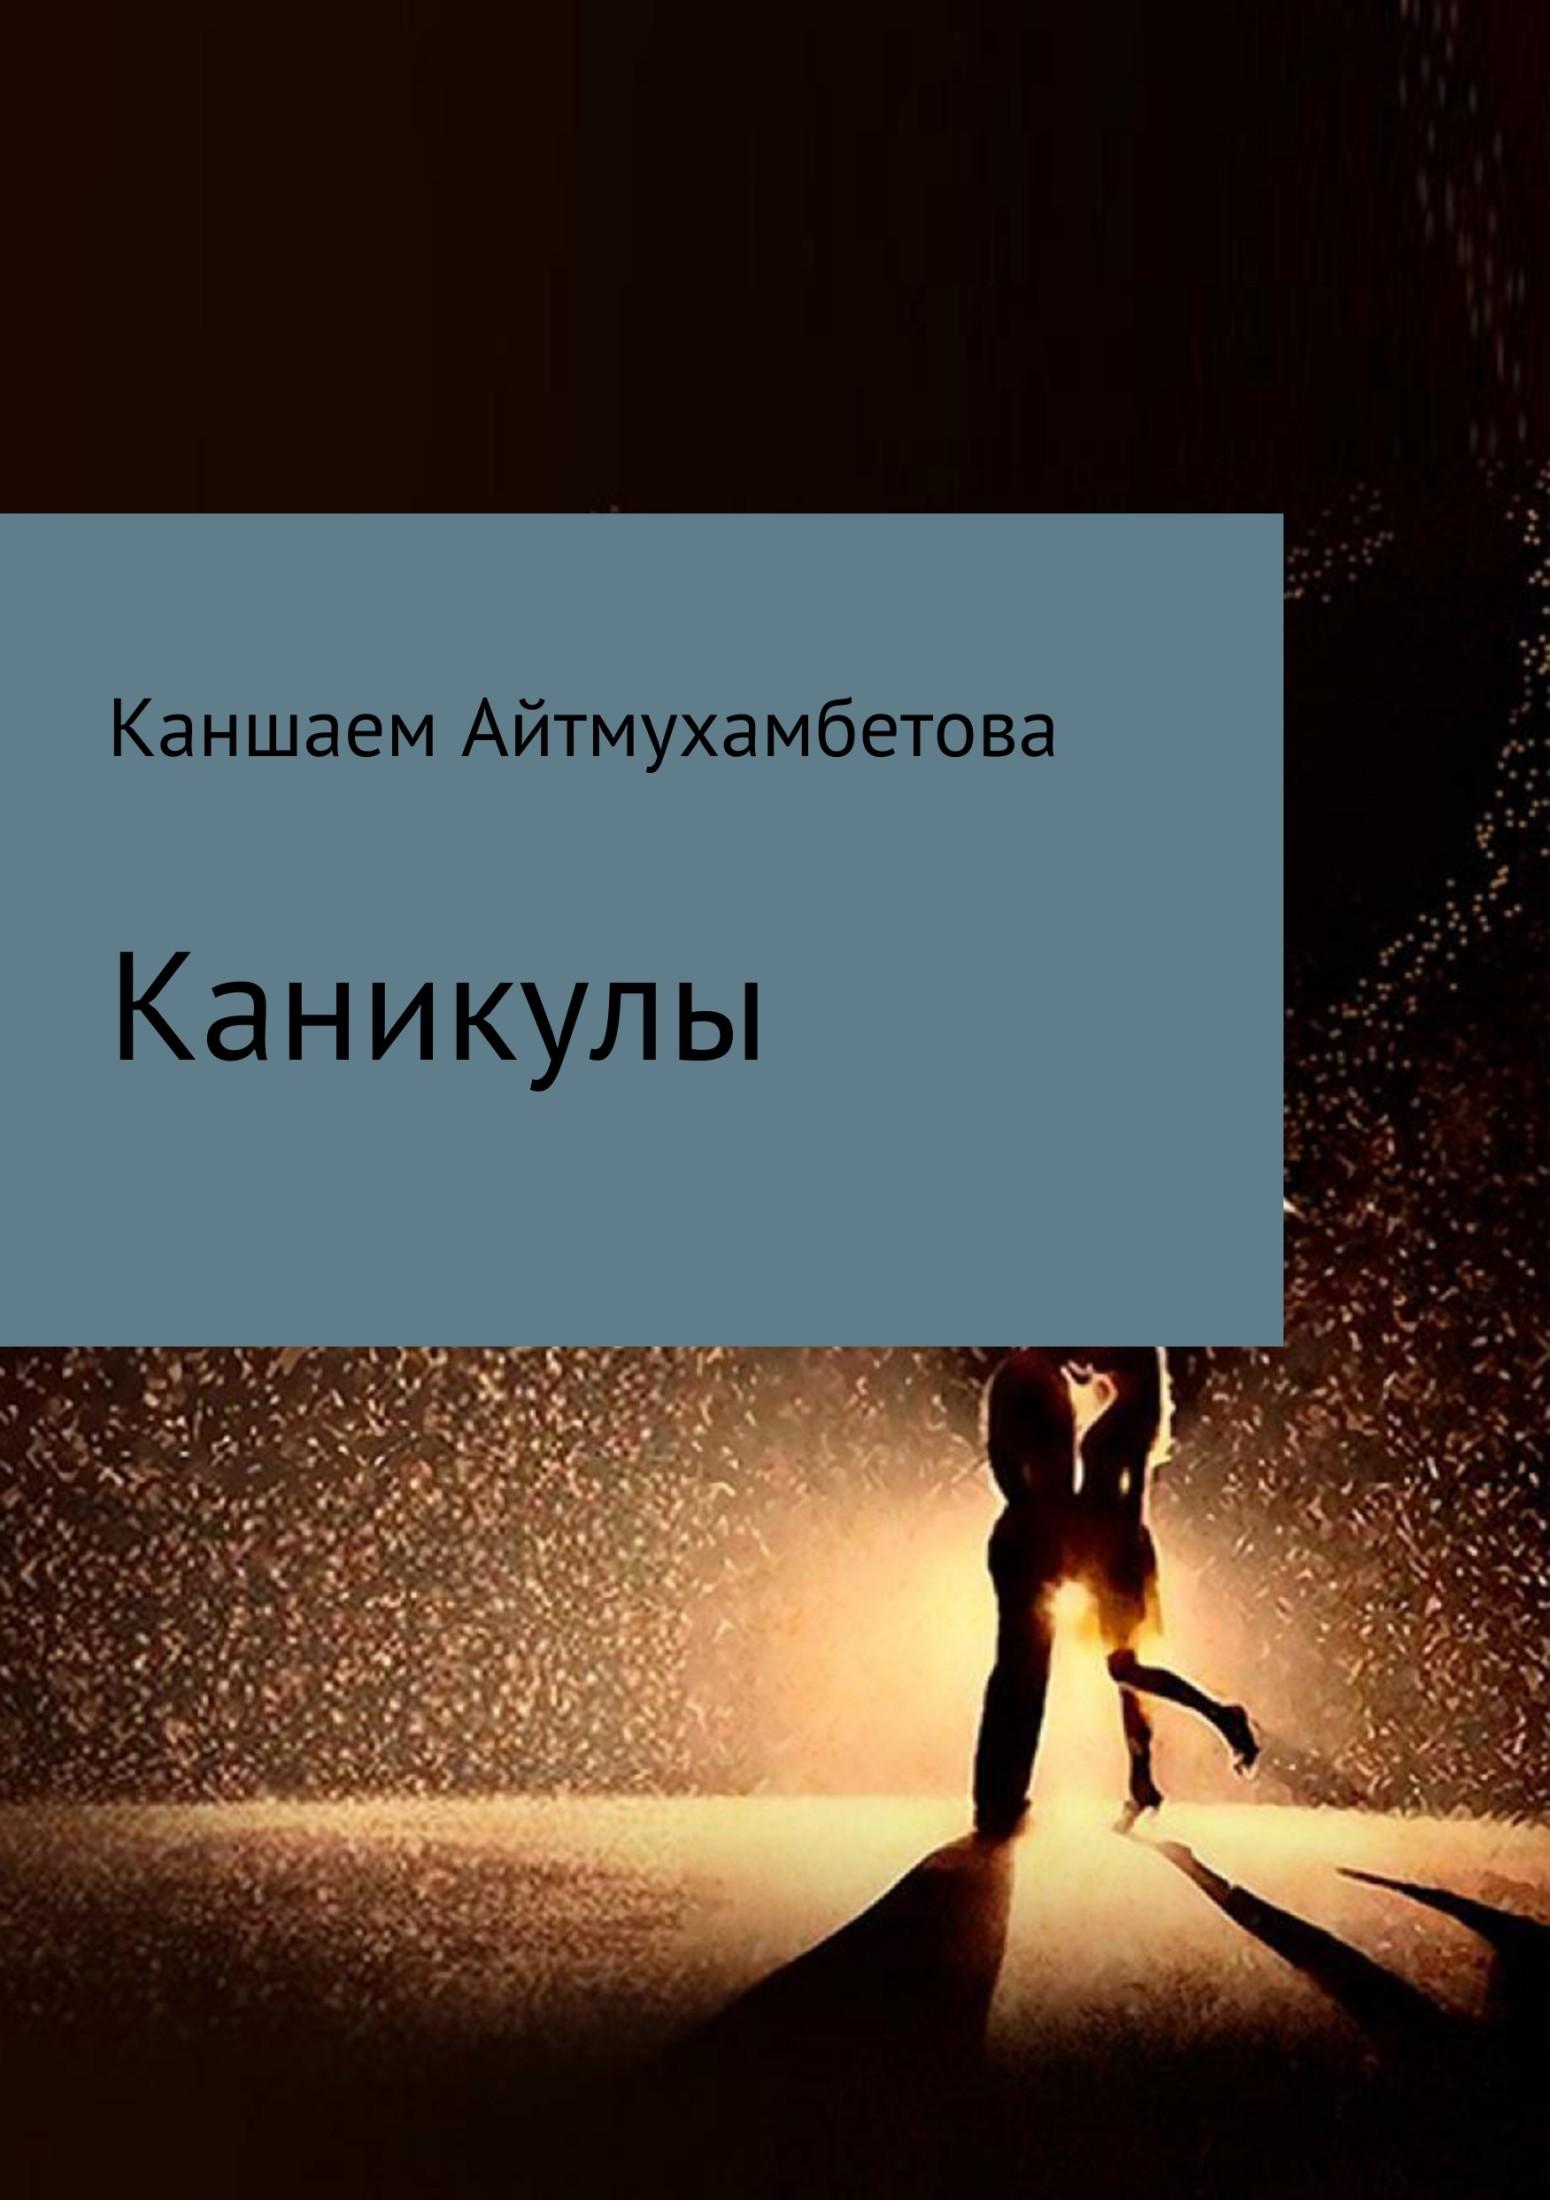 Каншаем Карисовна Айтмухамбетова Каникулы евгений кунгуров с любовью к женщине